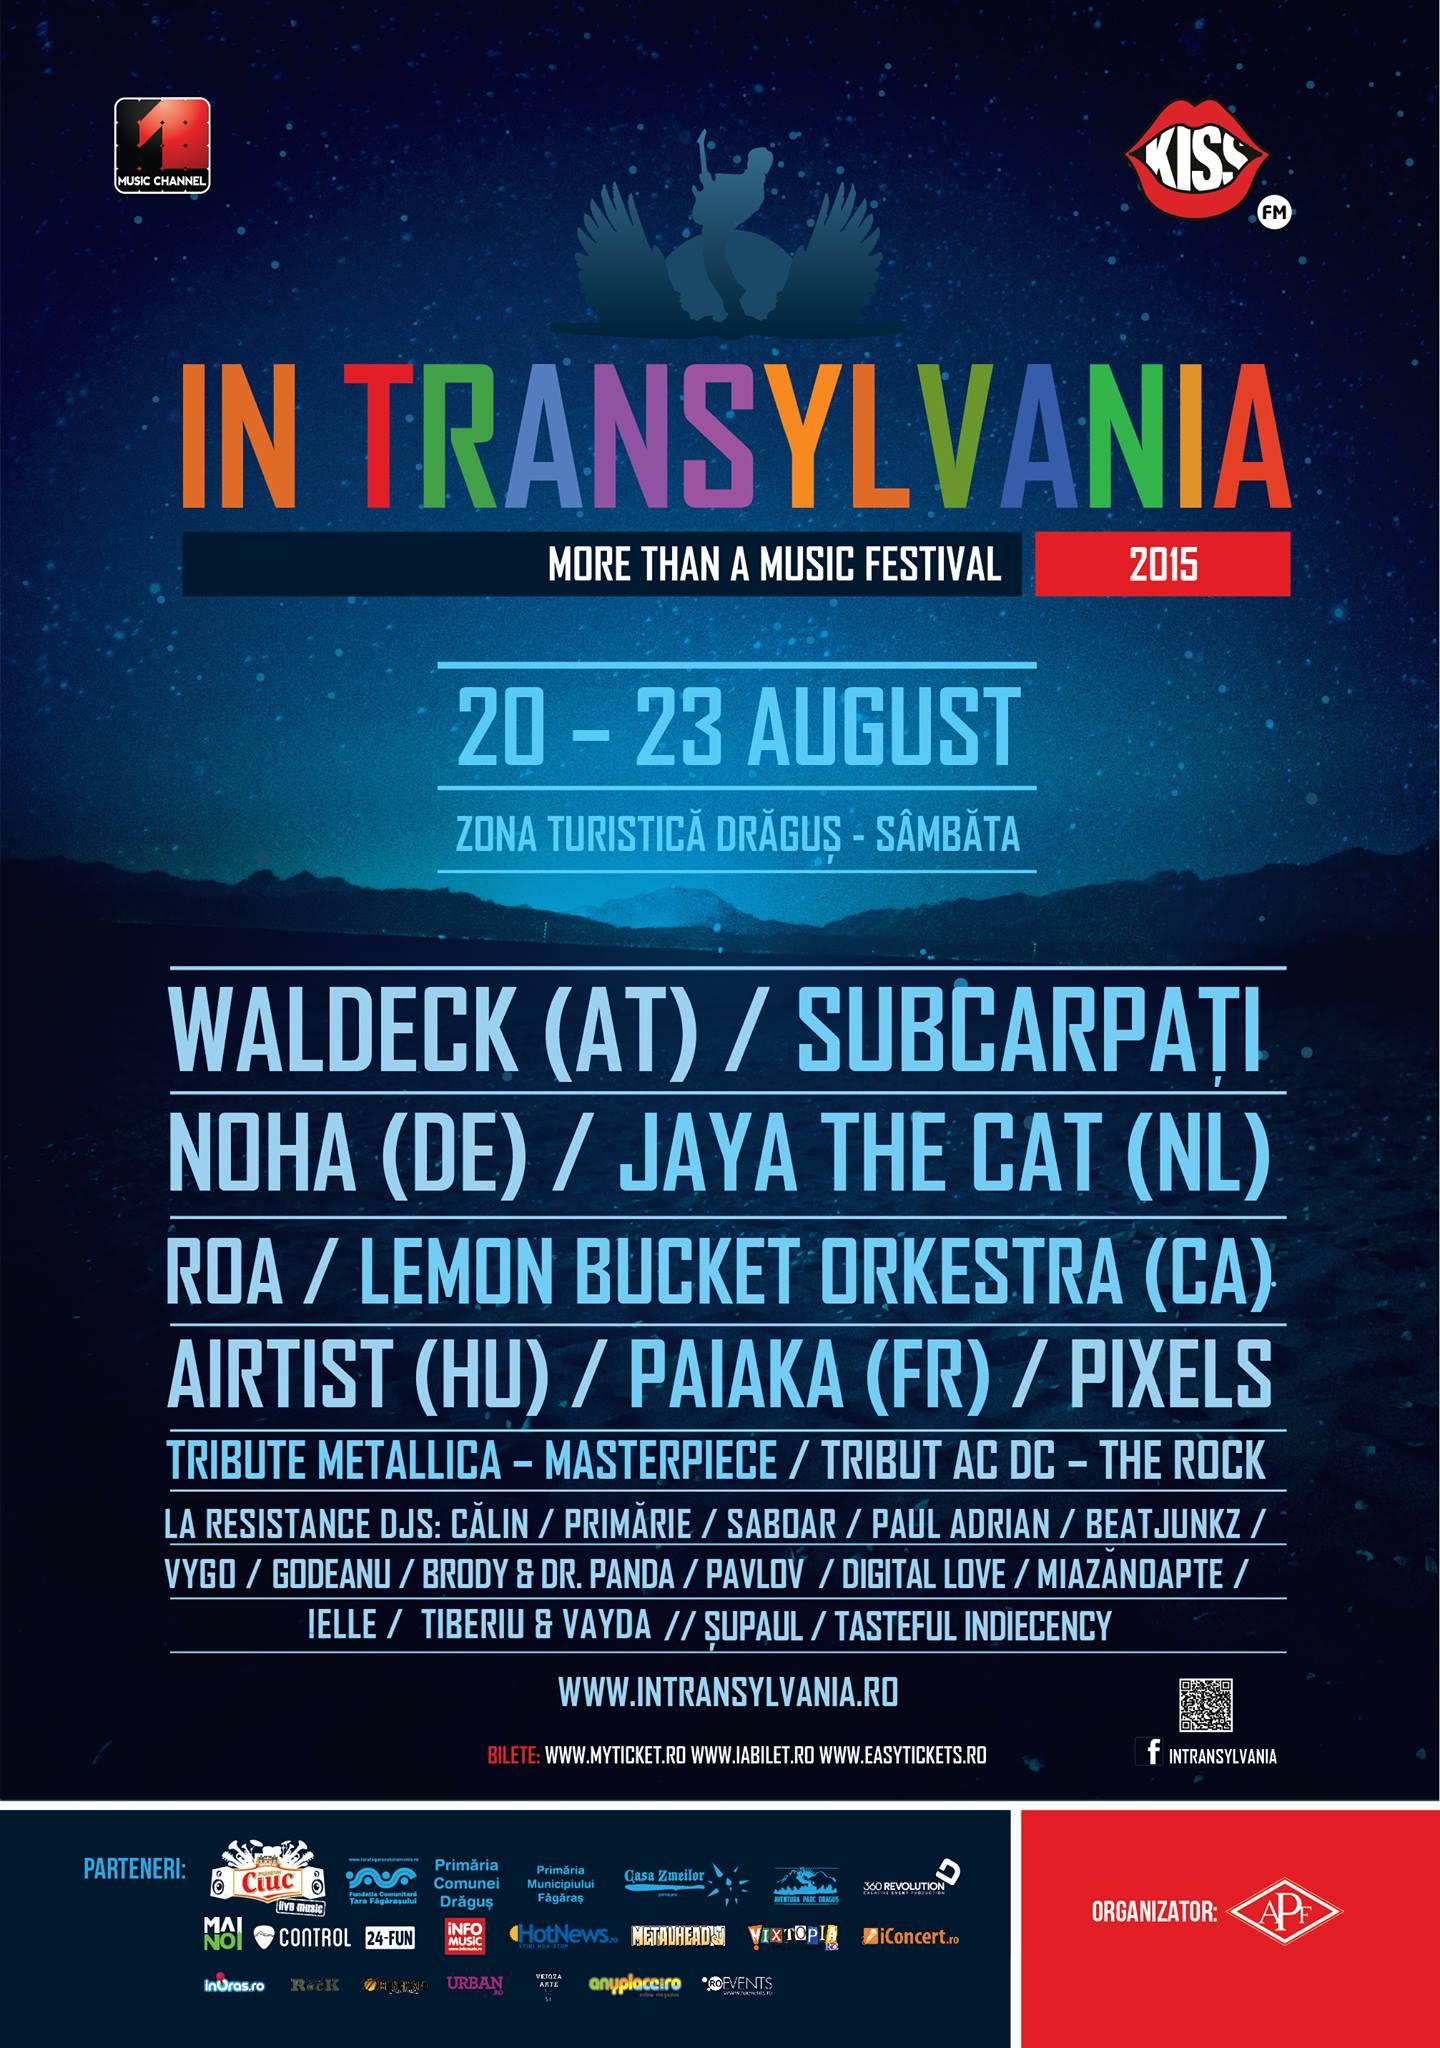 Săptămâna viitoare începe MORE THAN A MUSIC FESTIVAL. IN TRANSYLVANIA, 20-23 august 2015 Zona turistică Drăguş – Sâmbăta